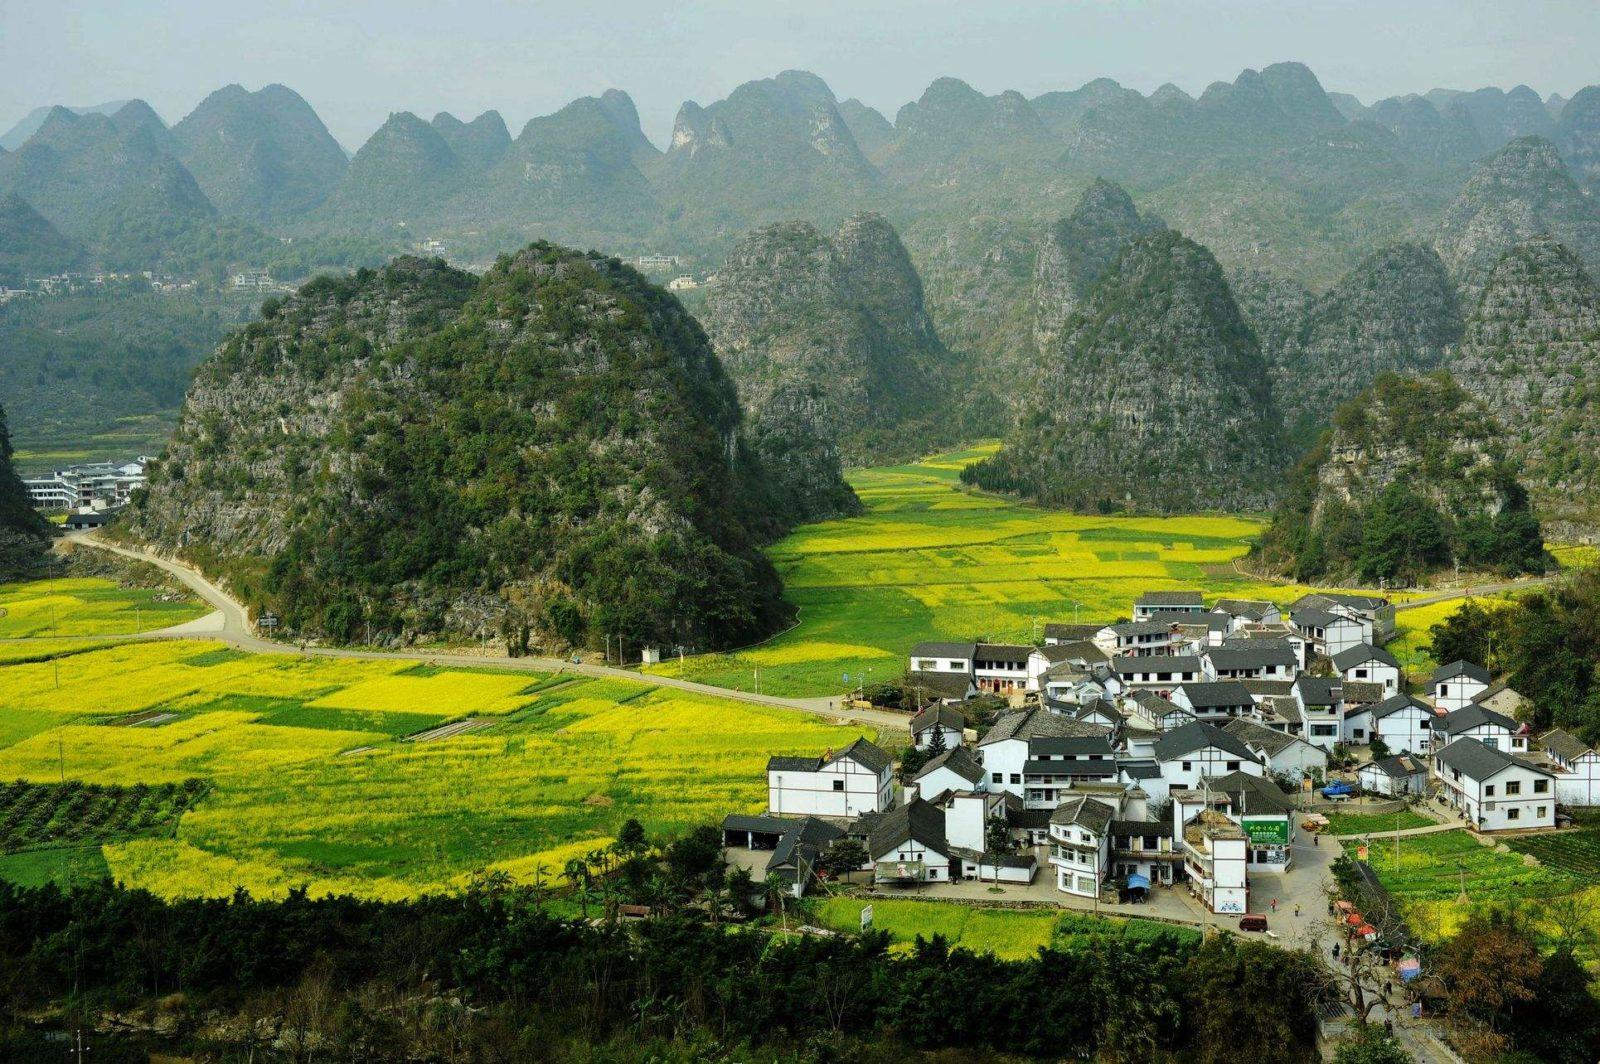 Лес тысячи вершин, город Синьи Гуйчжоу Китай